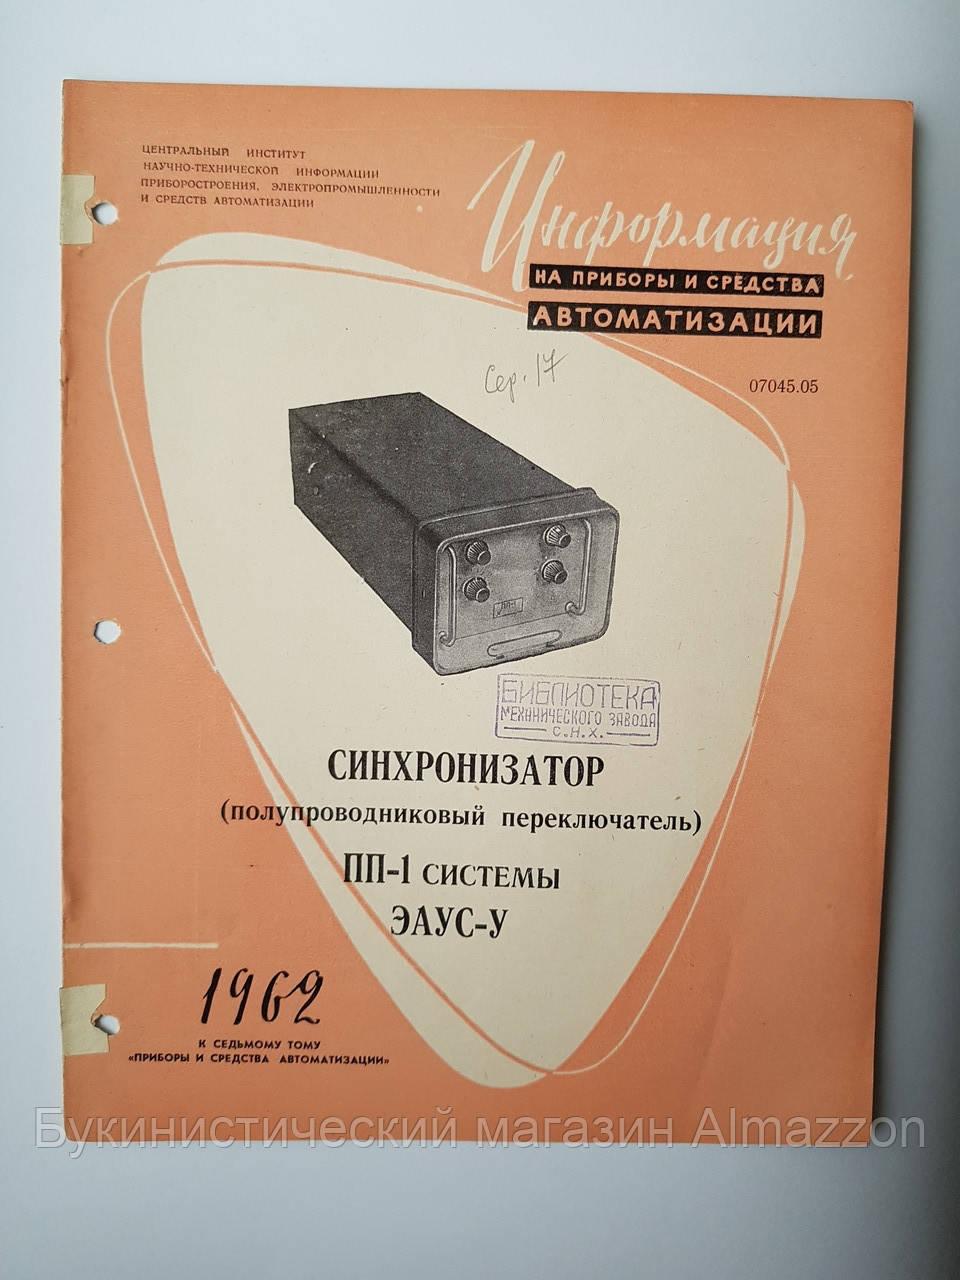 """Журнал (Бюллетень) """"Синхронизатор (полупроводниковый переключатель) ПП-1 системы ЭАУС-У  07045.05"""" 1962г."""